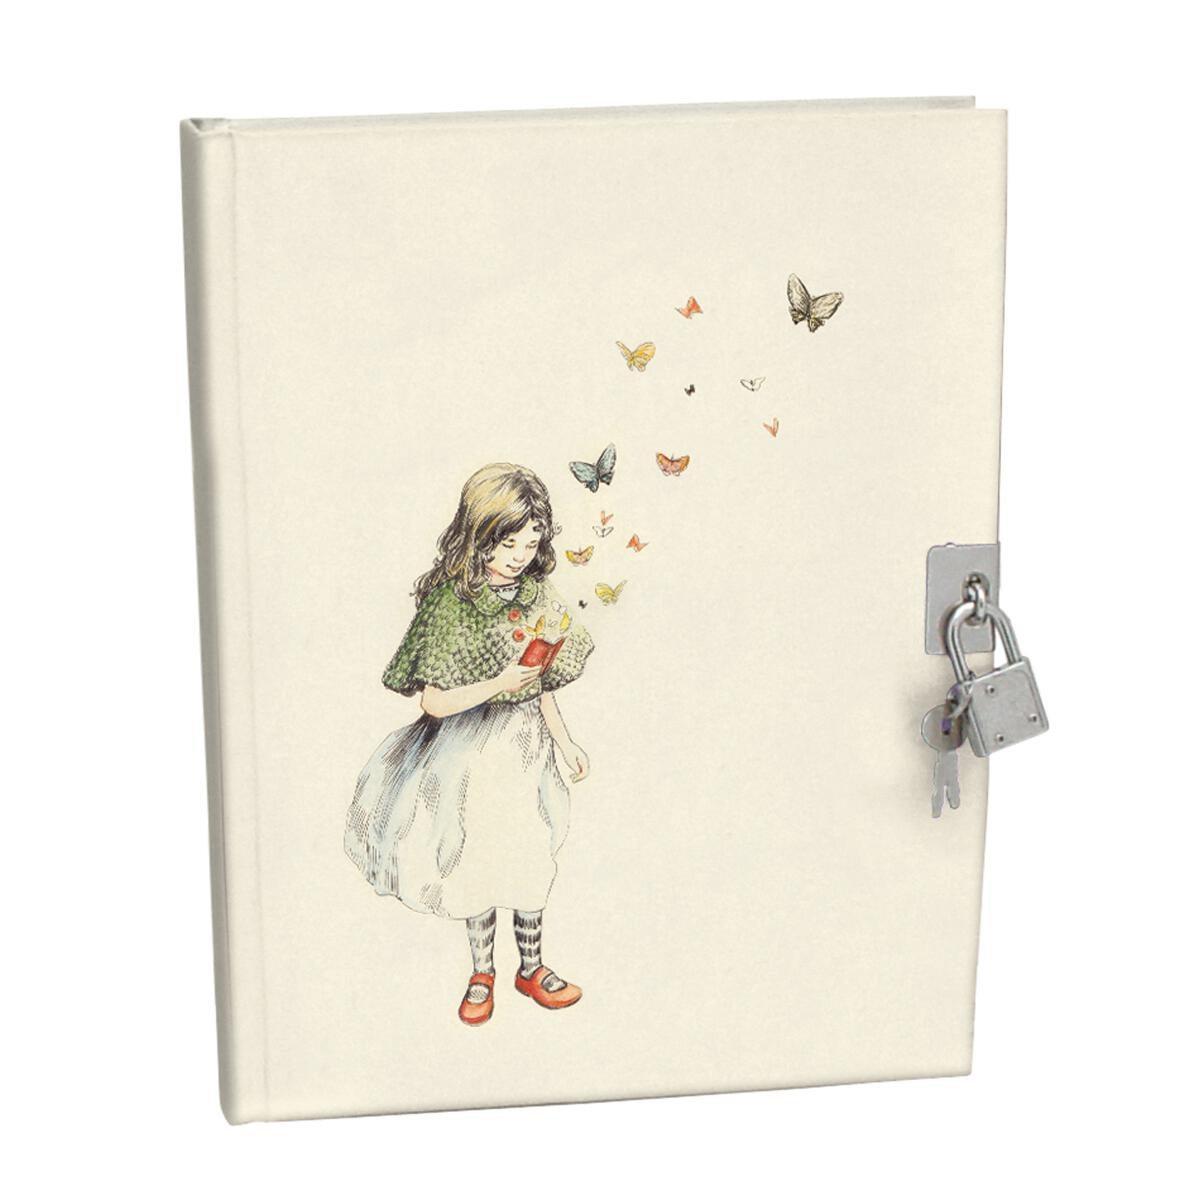 Tagesbuch für Mädchen mit Schloss